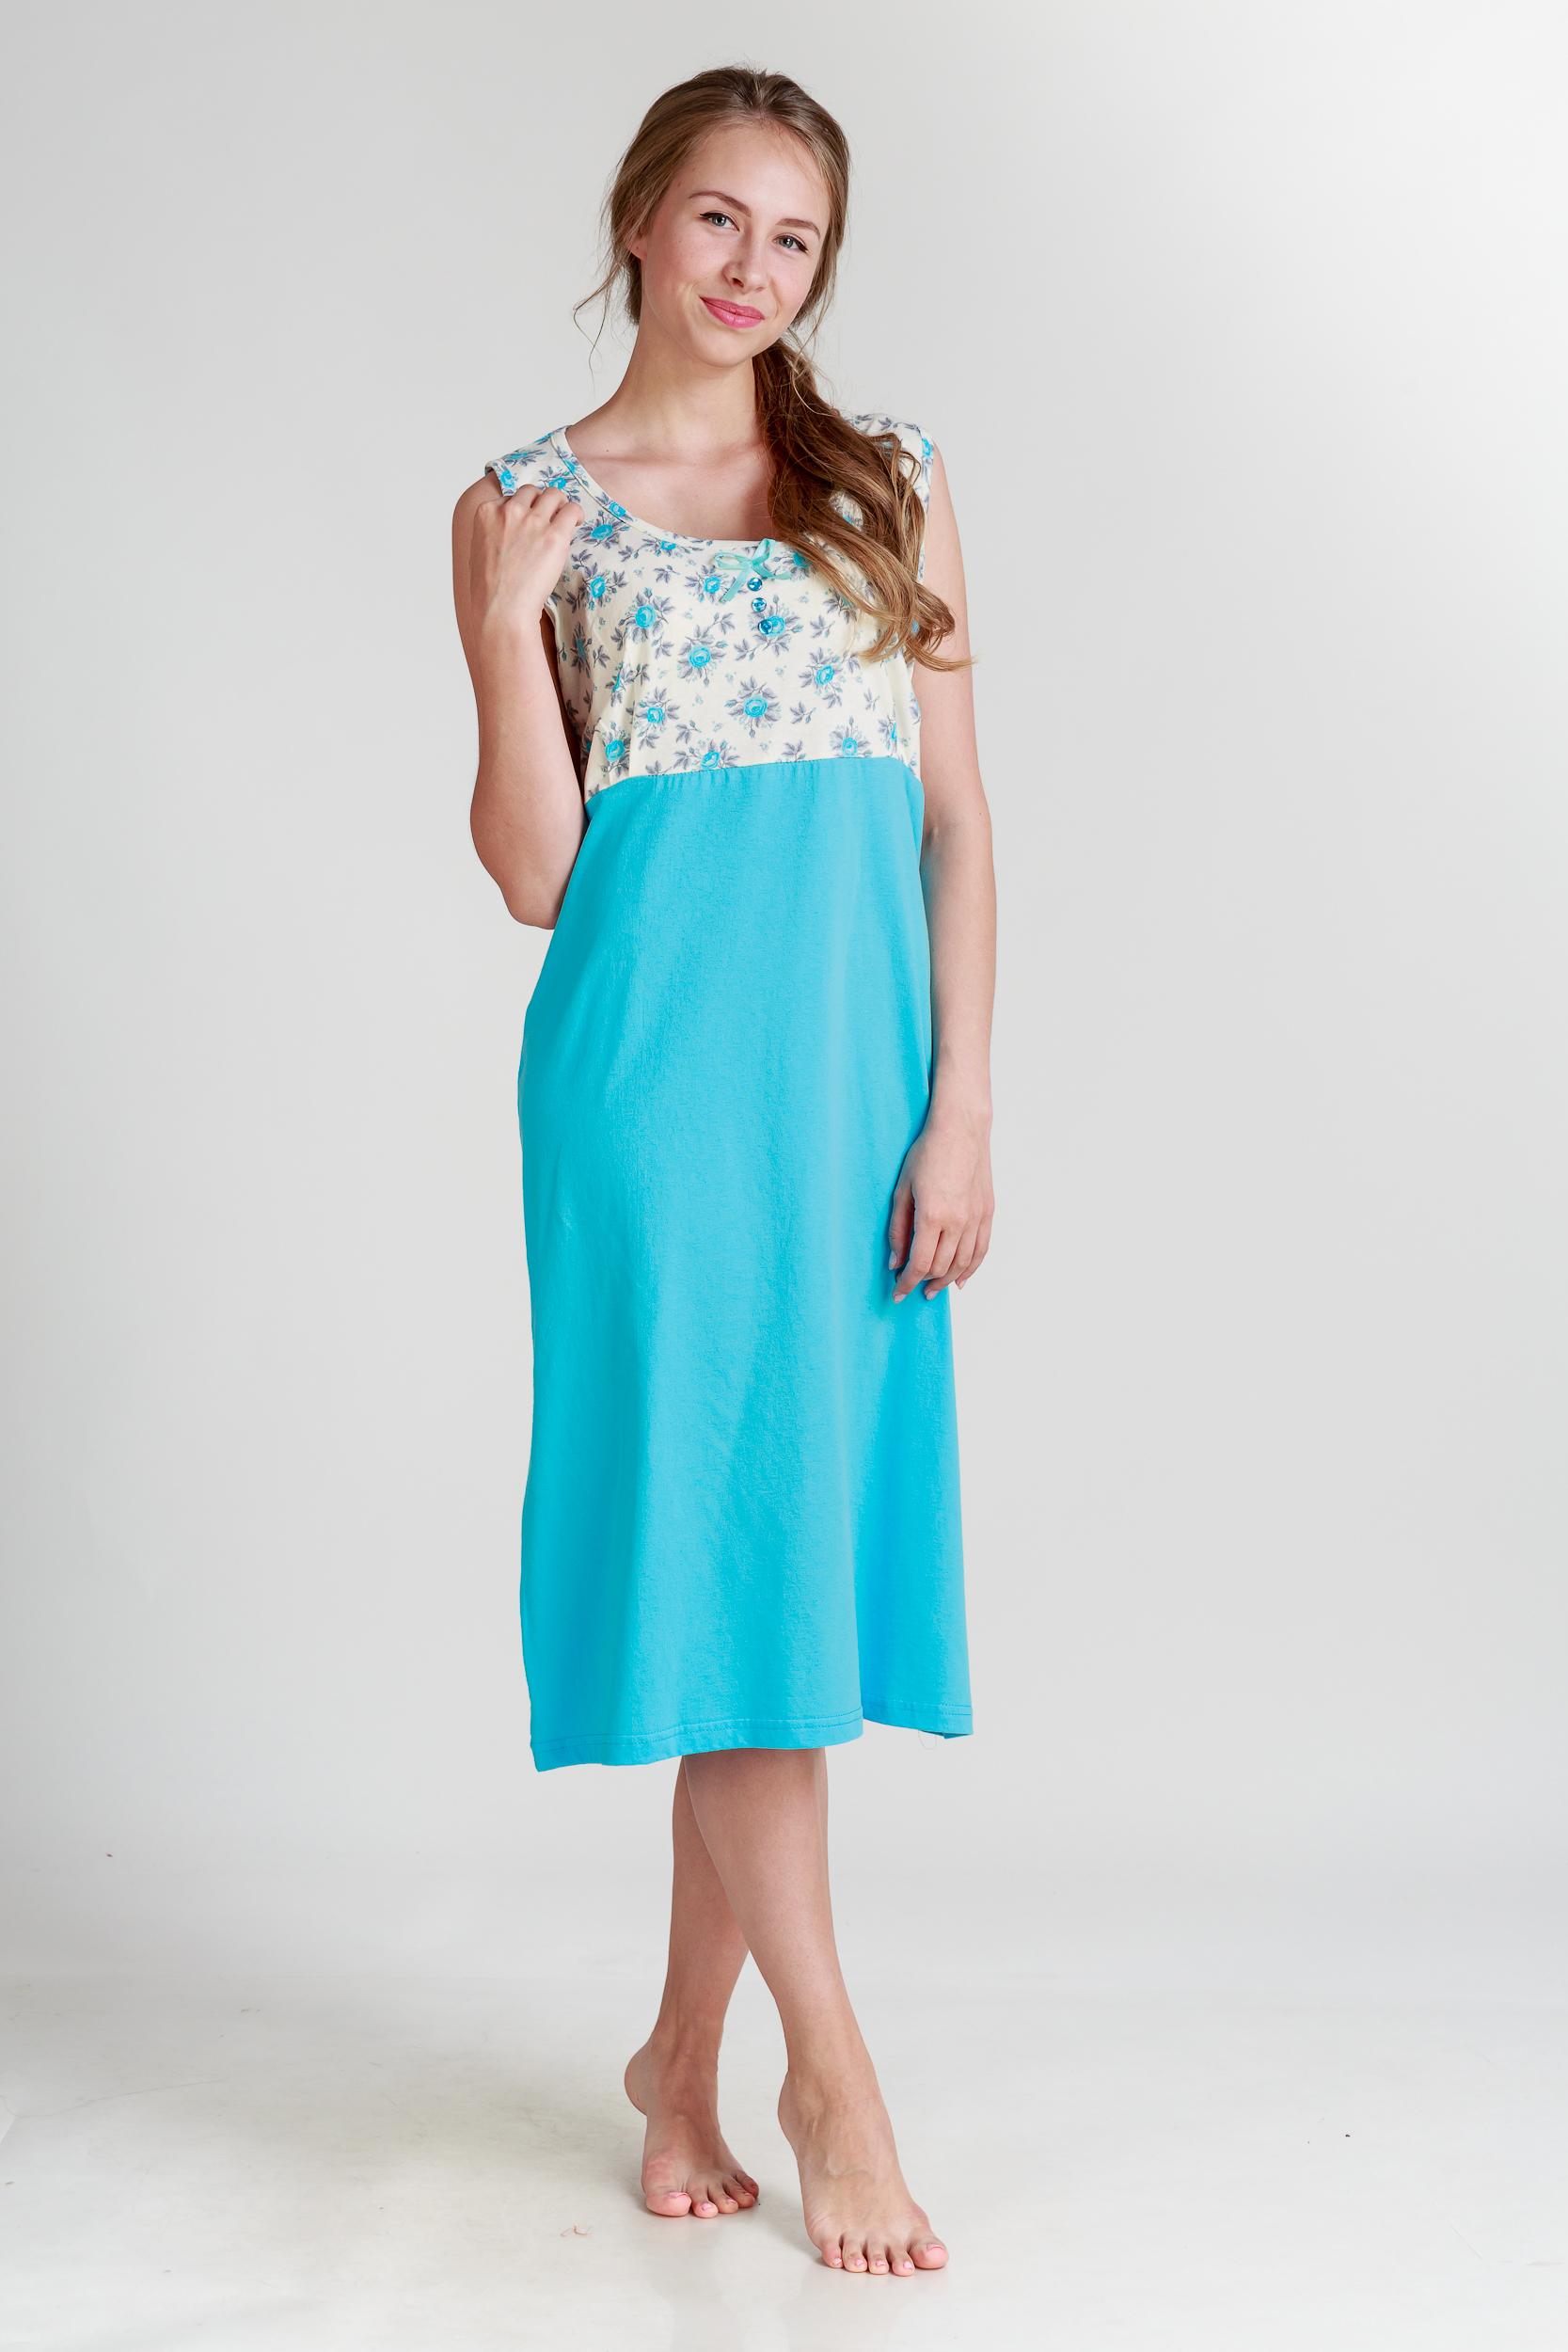 Ночные сорочки Pastilla Ночная сорочка Ваниль Цвет: Голубой (L) сорочка ночная для беременных и кормящих мамин дом мамин дом цвет голубой 24130 размер 48